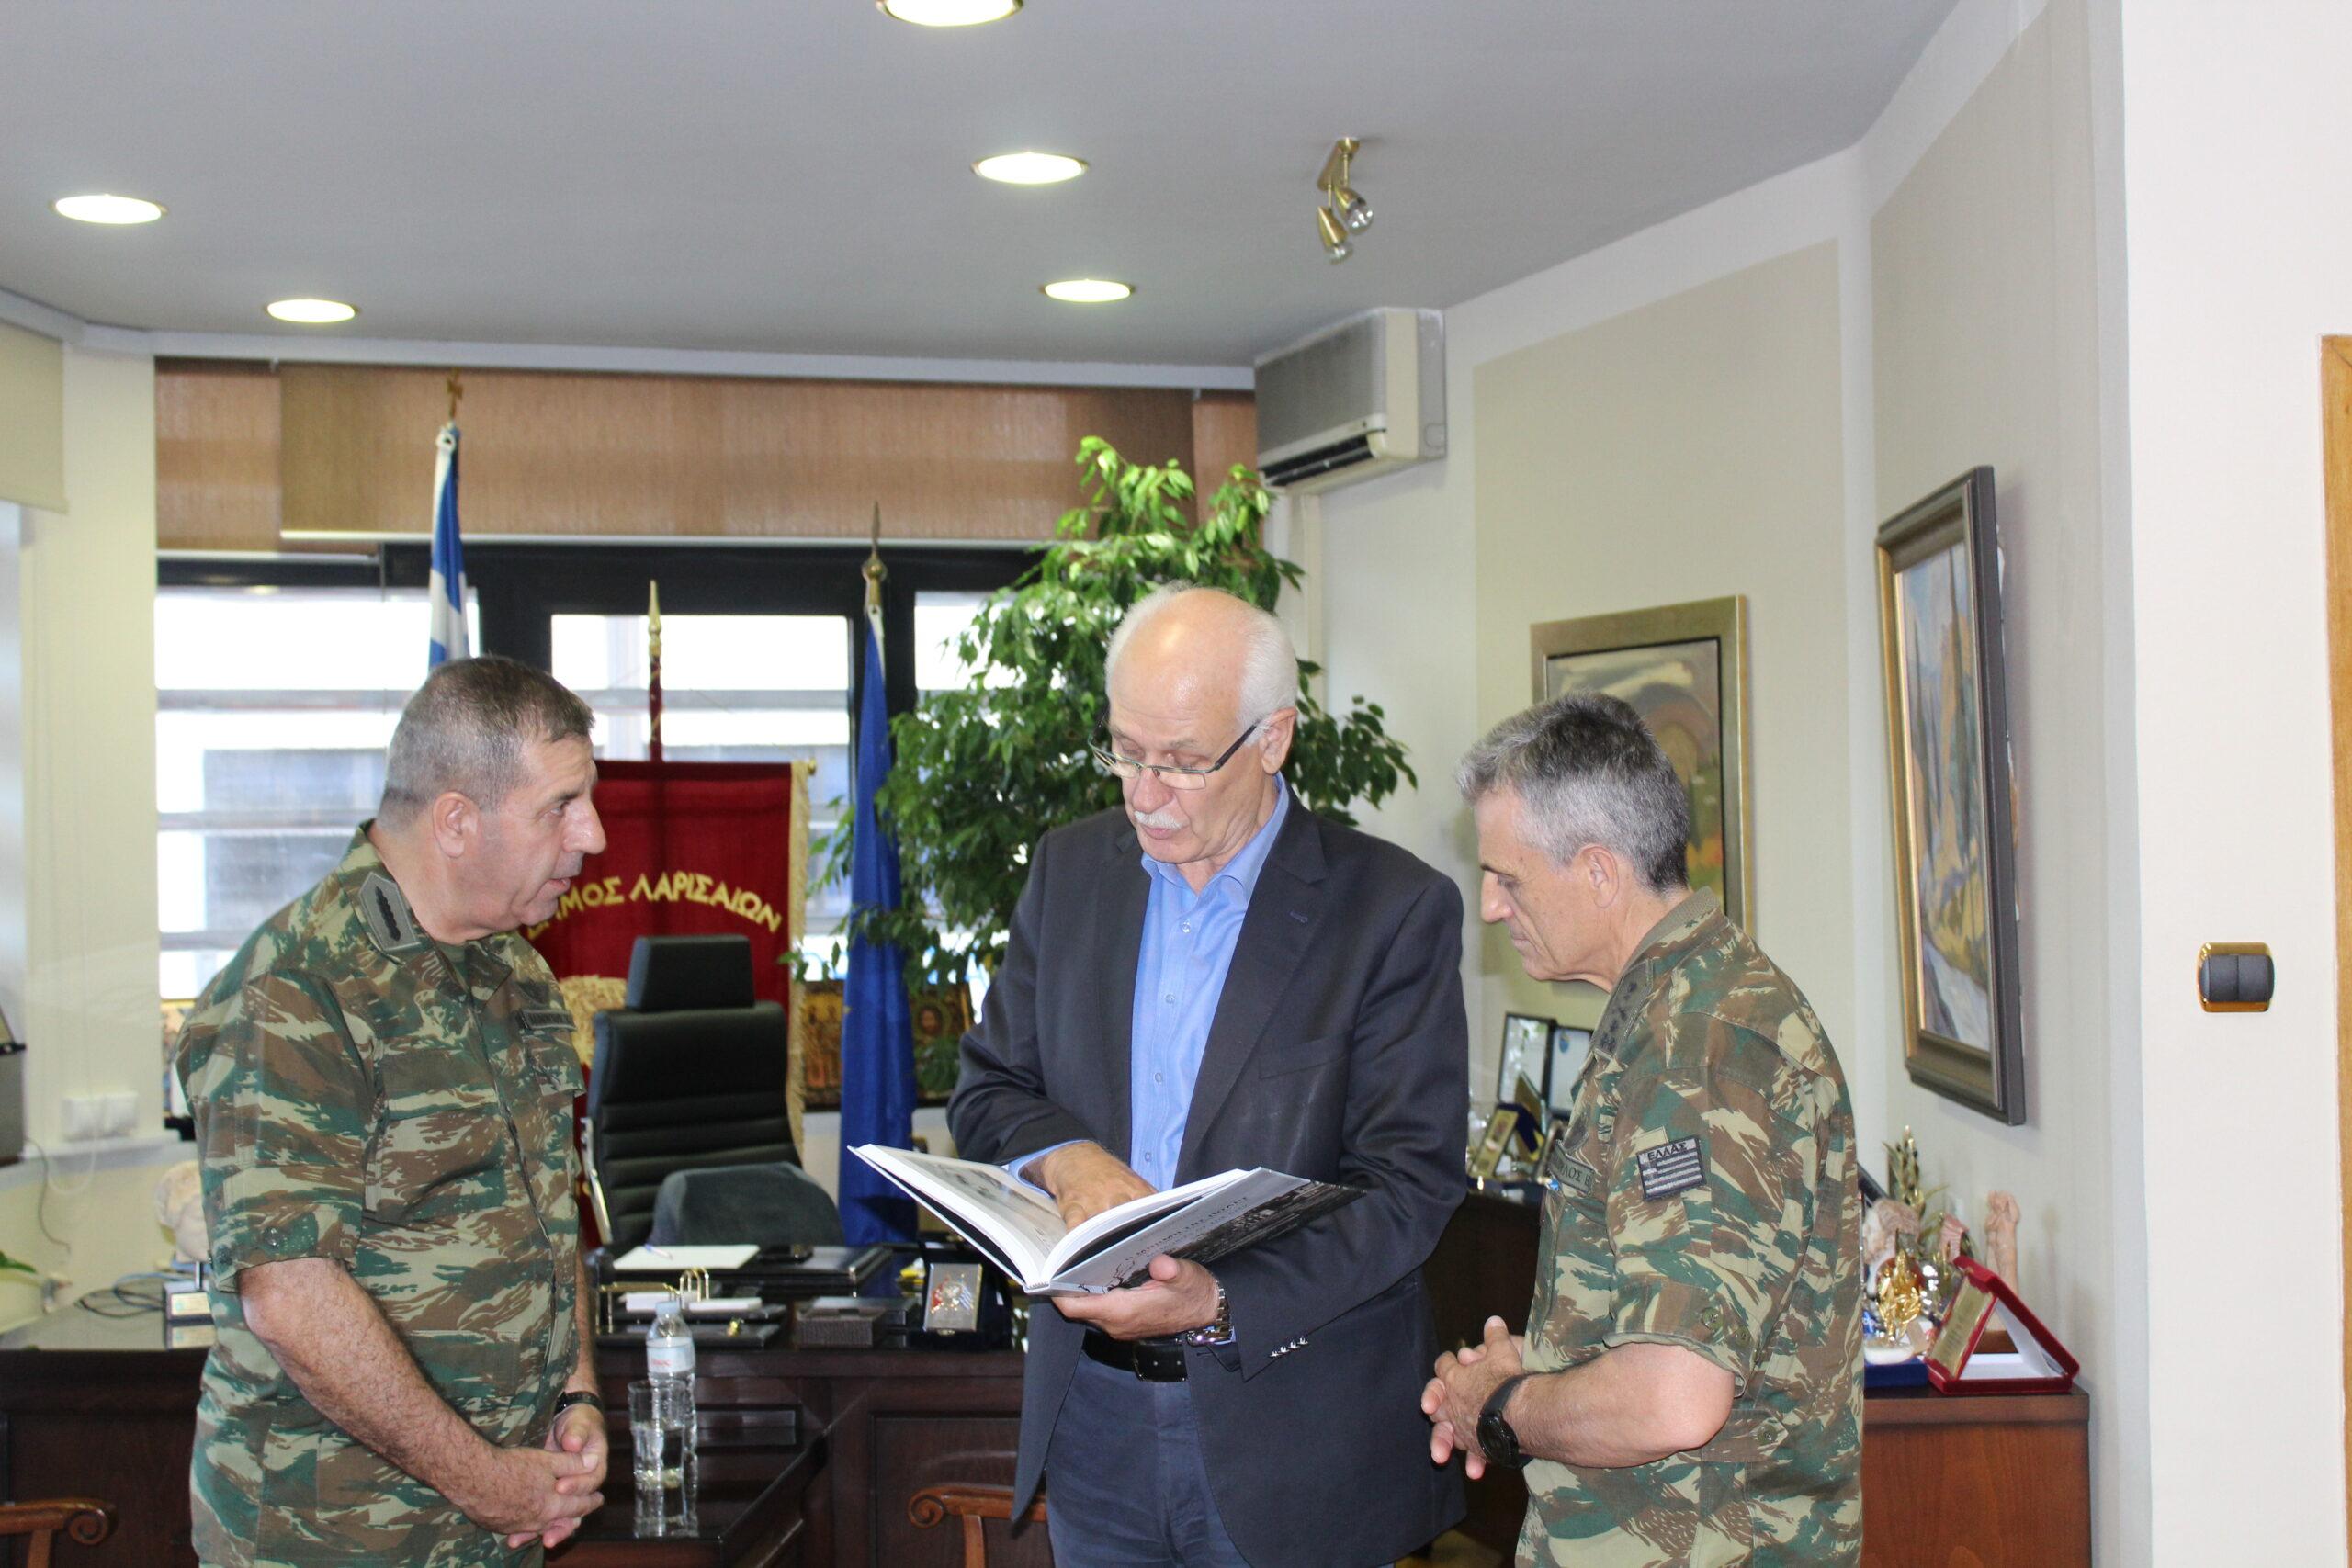 Δήμος Λαρισαίων: Άρρηκτη η σχέση της Λάρισας με τον Στρατό Ξηράς και τις Ένοπλες Δυνάμεις